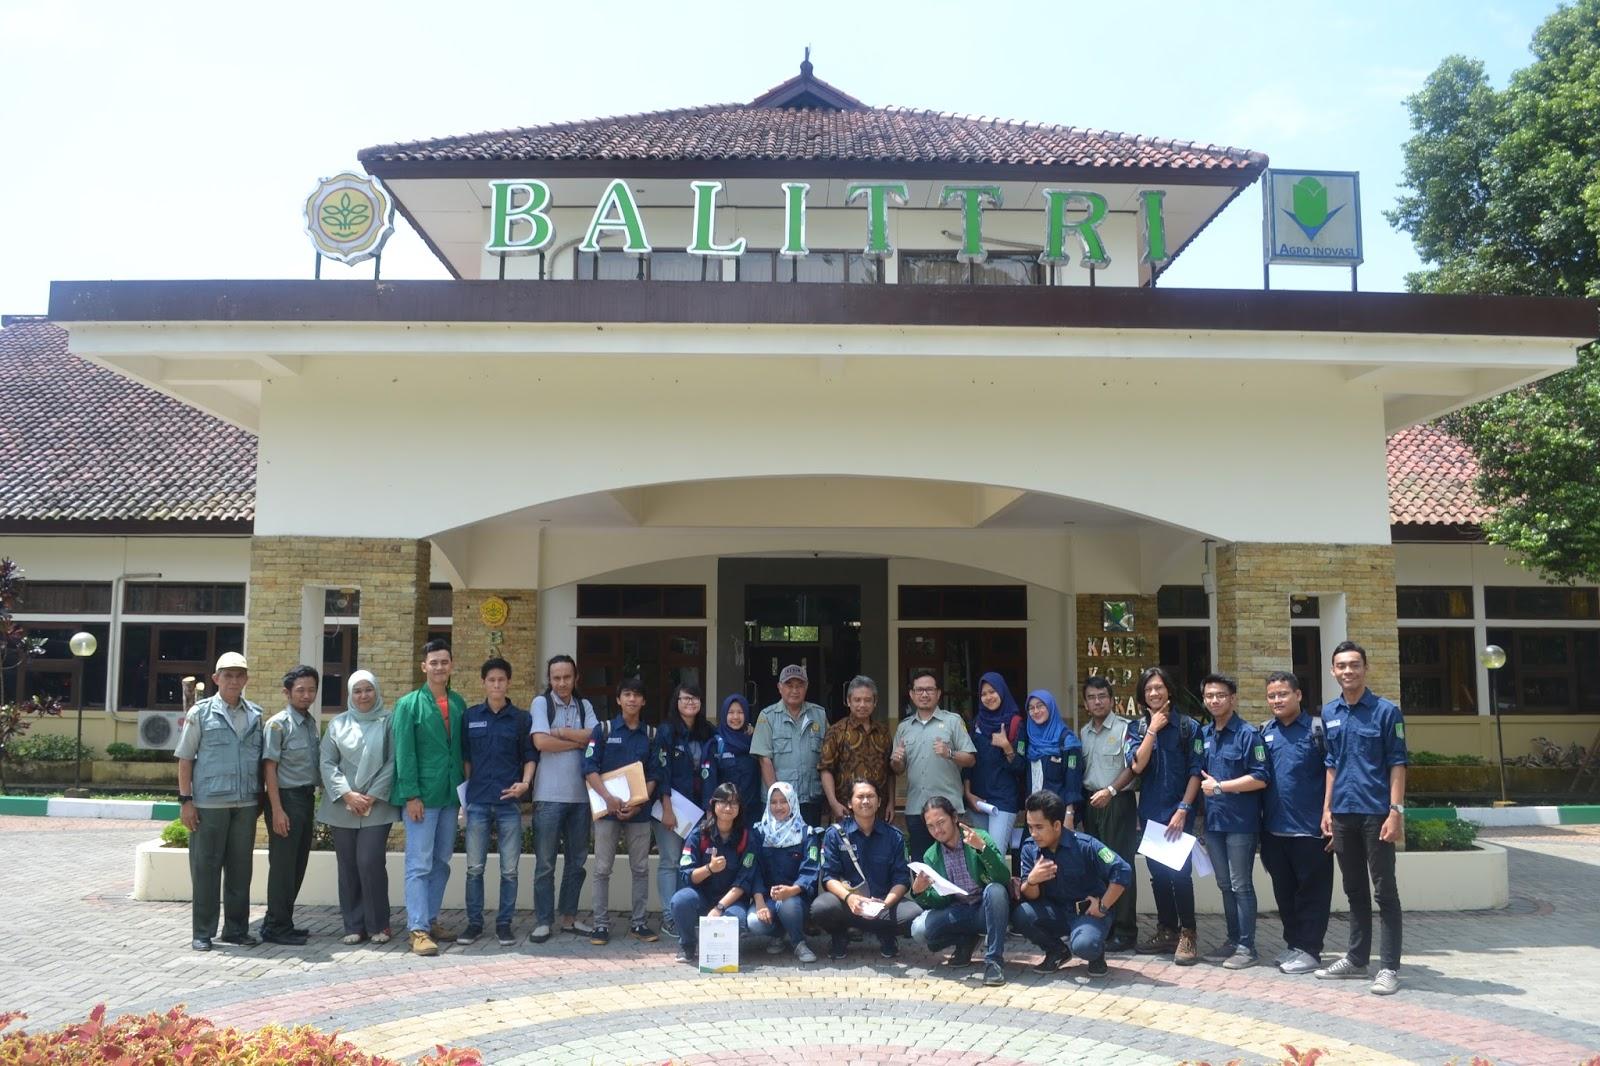 Laporan Kunjungan Lapang Ke Balai Penelitian Balai Penelitan  # Muebles Ekono Cali